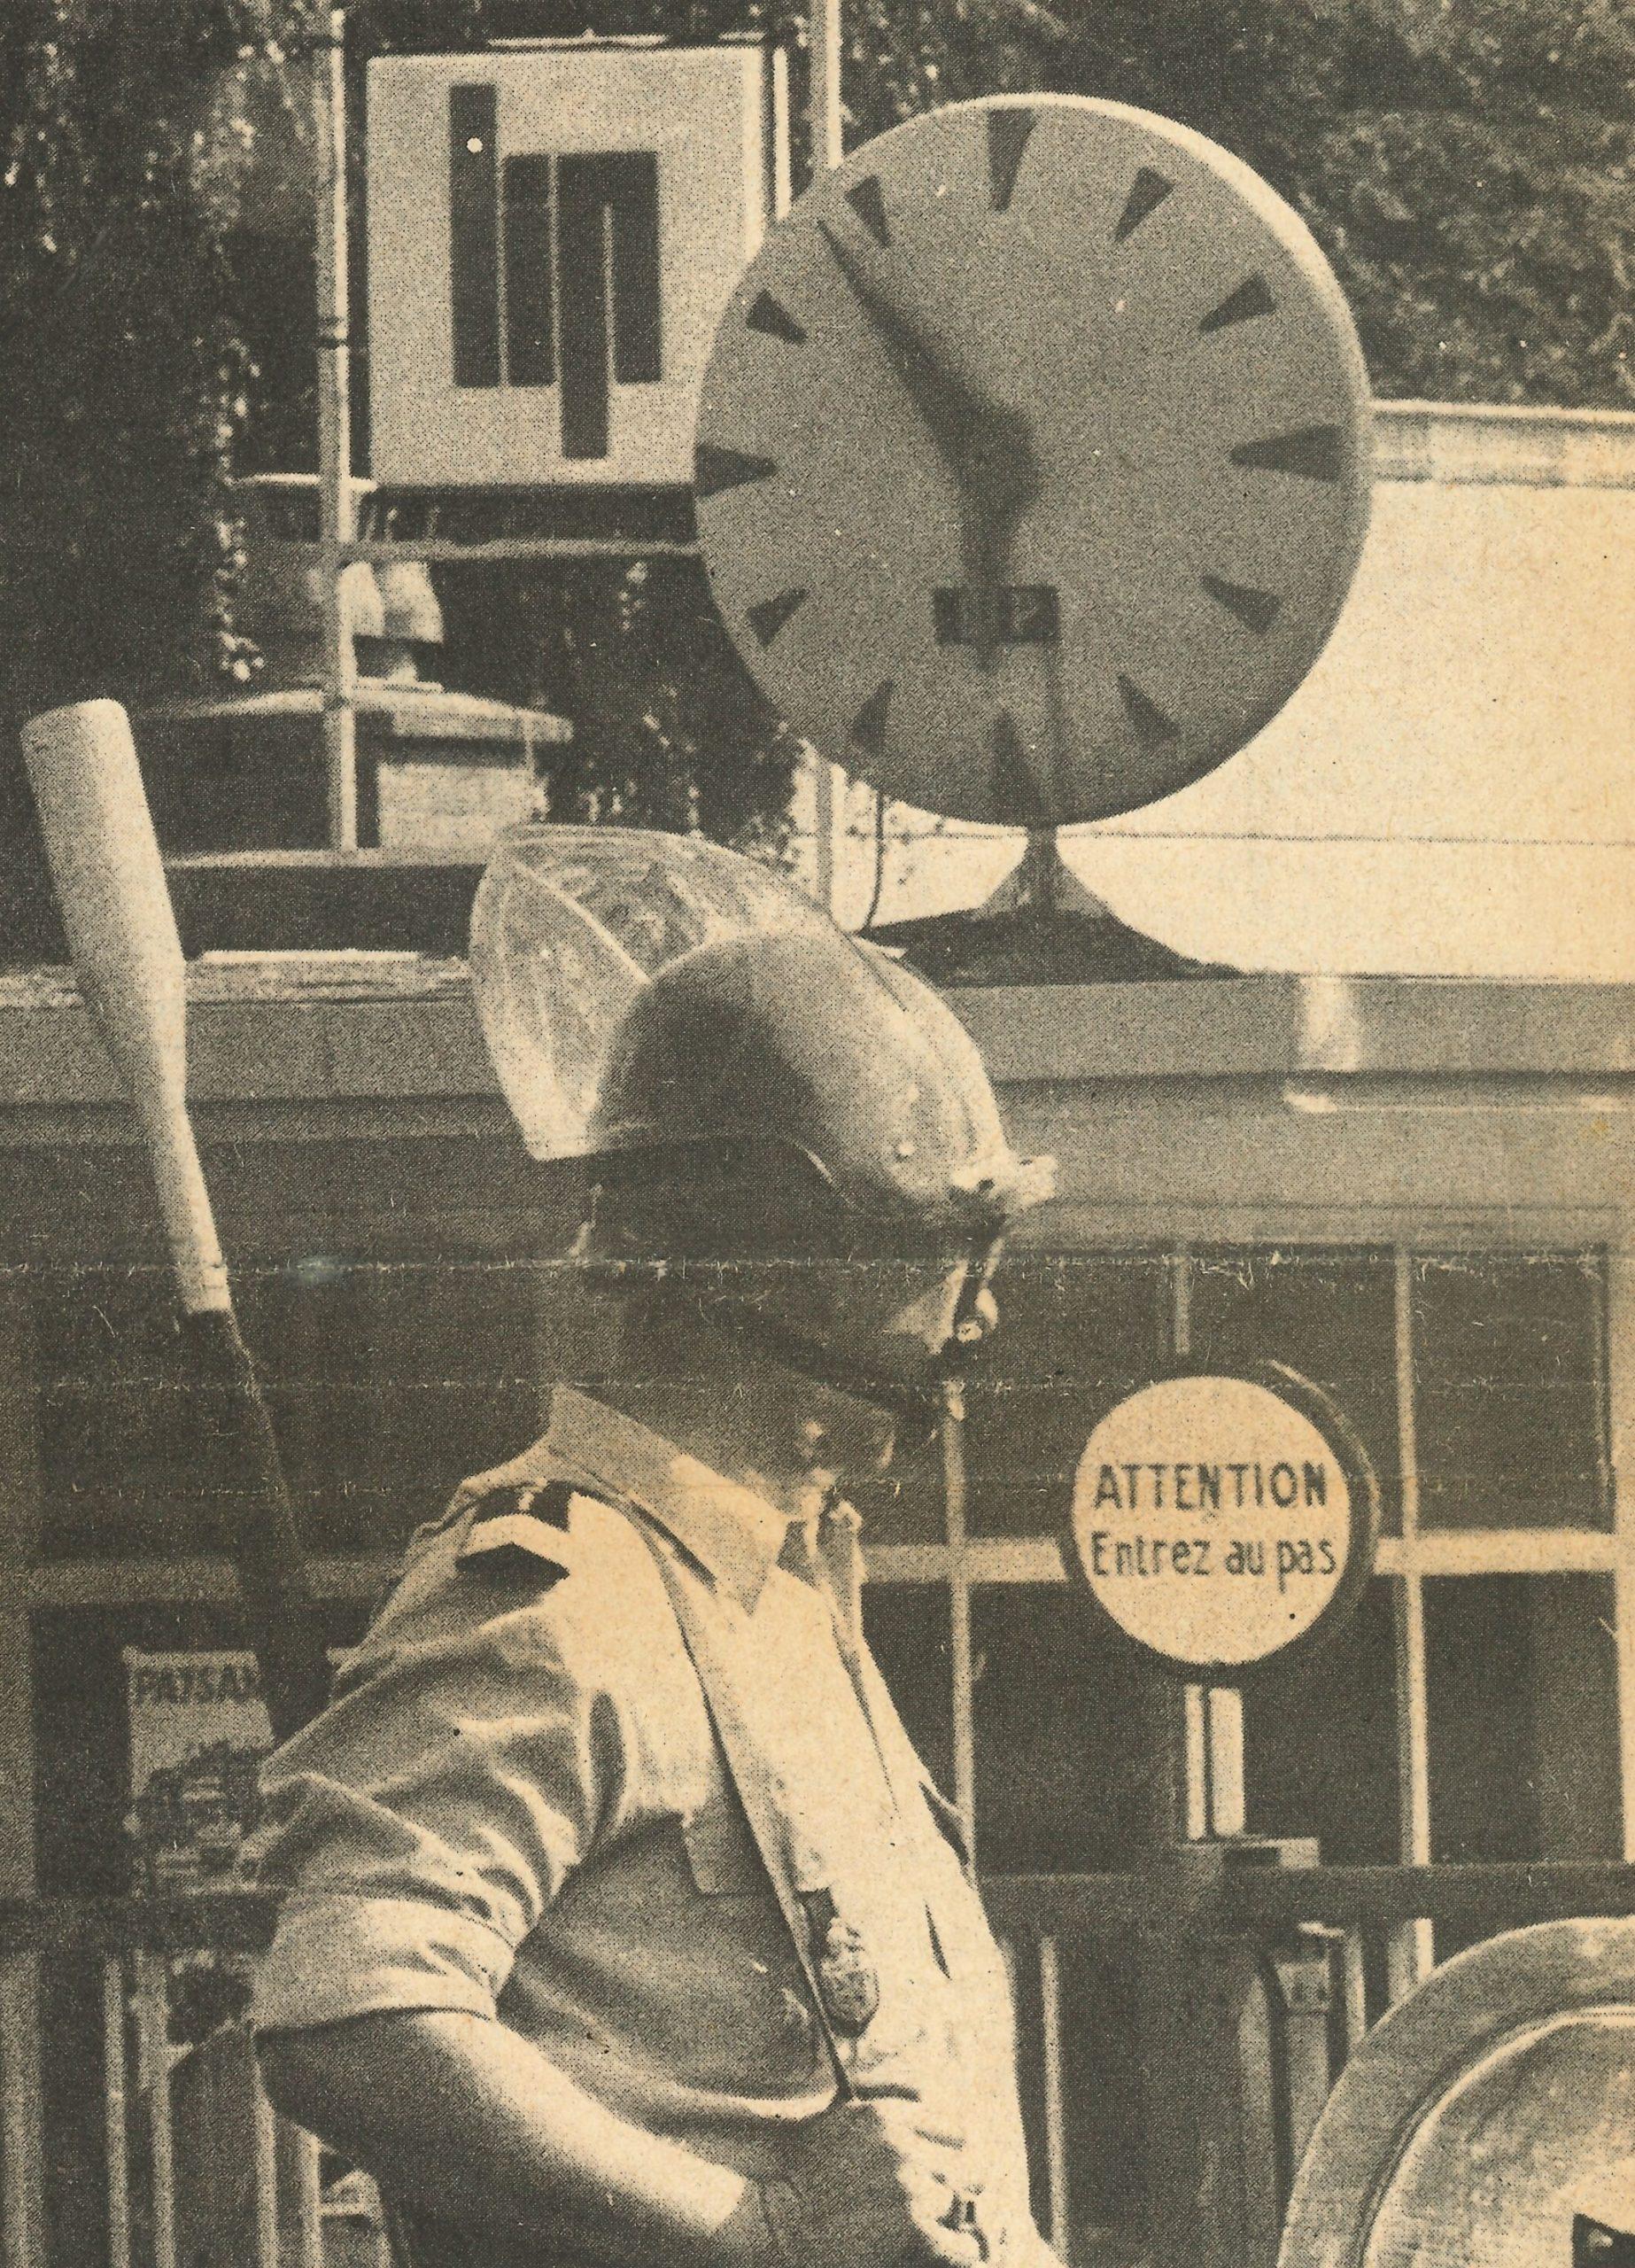 CRS devant l'usine de palente, conflit Lip journal du 15 Aout 1973